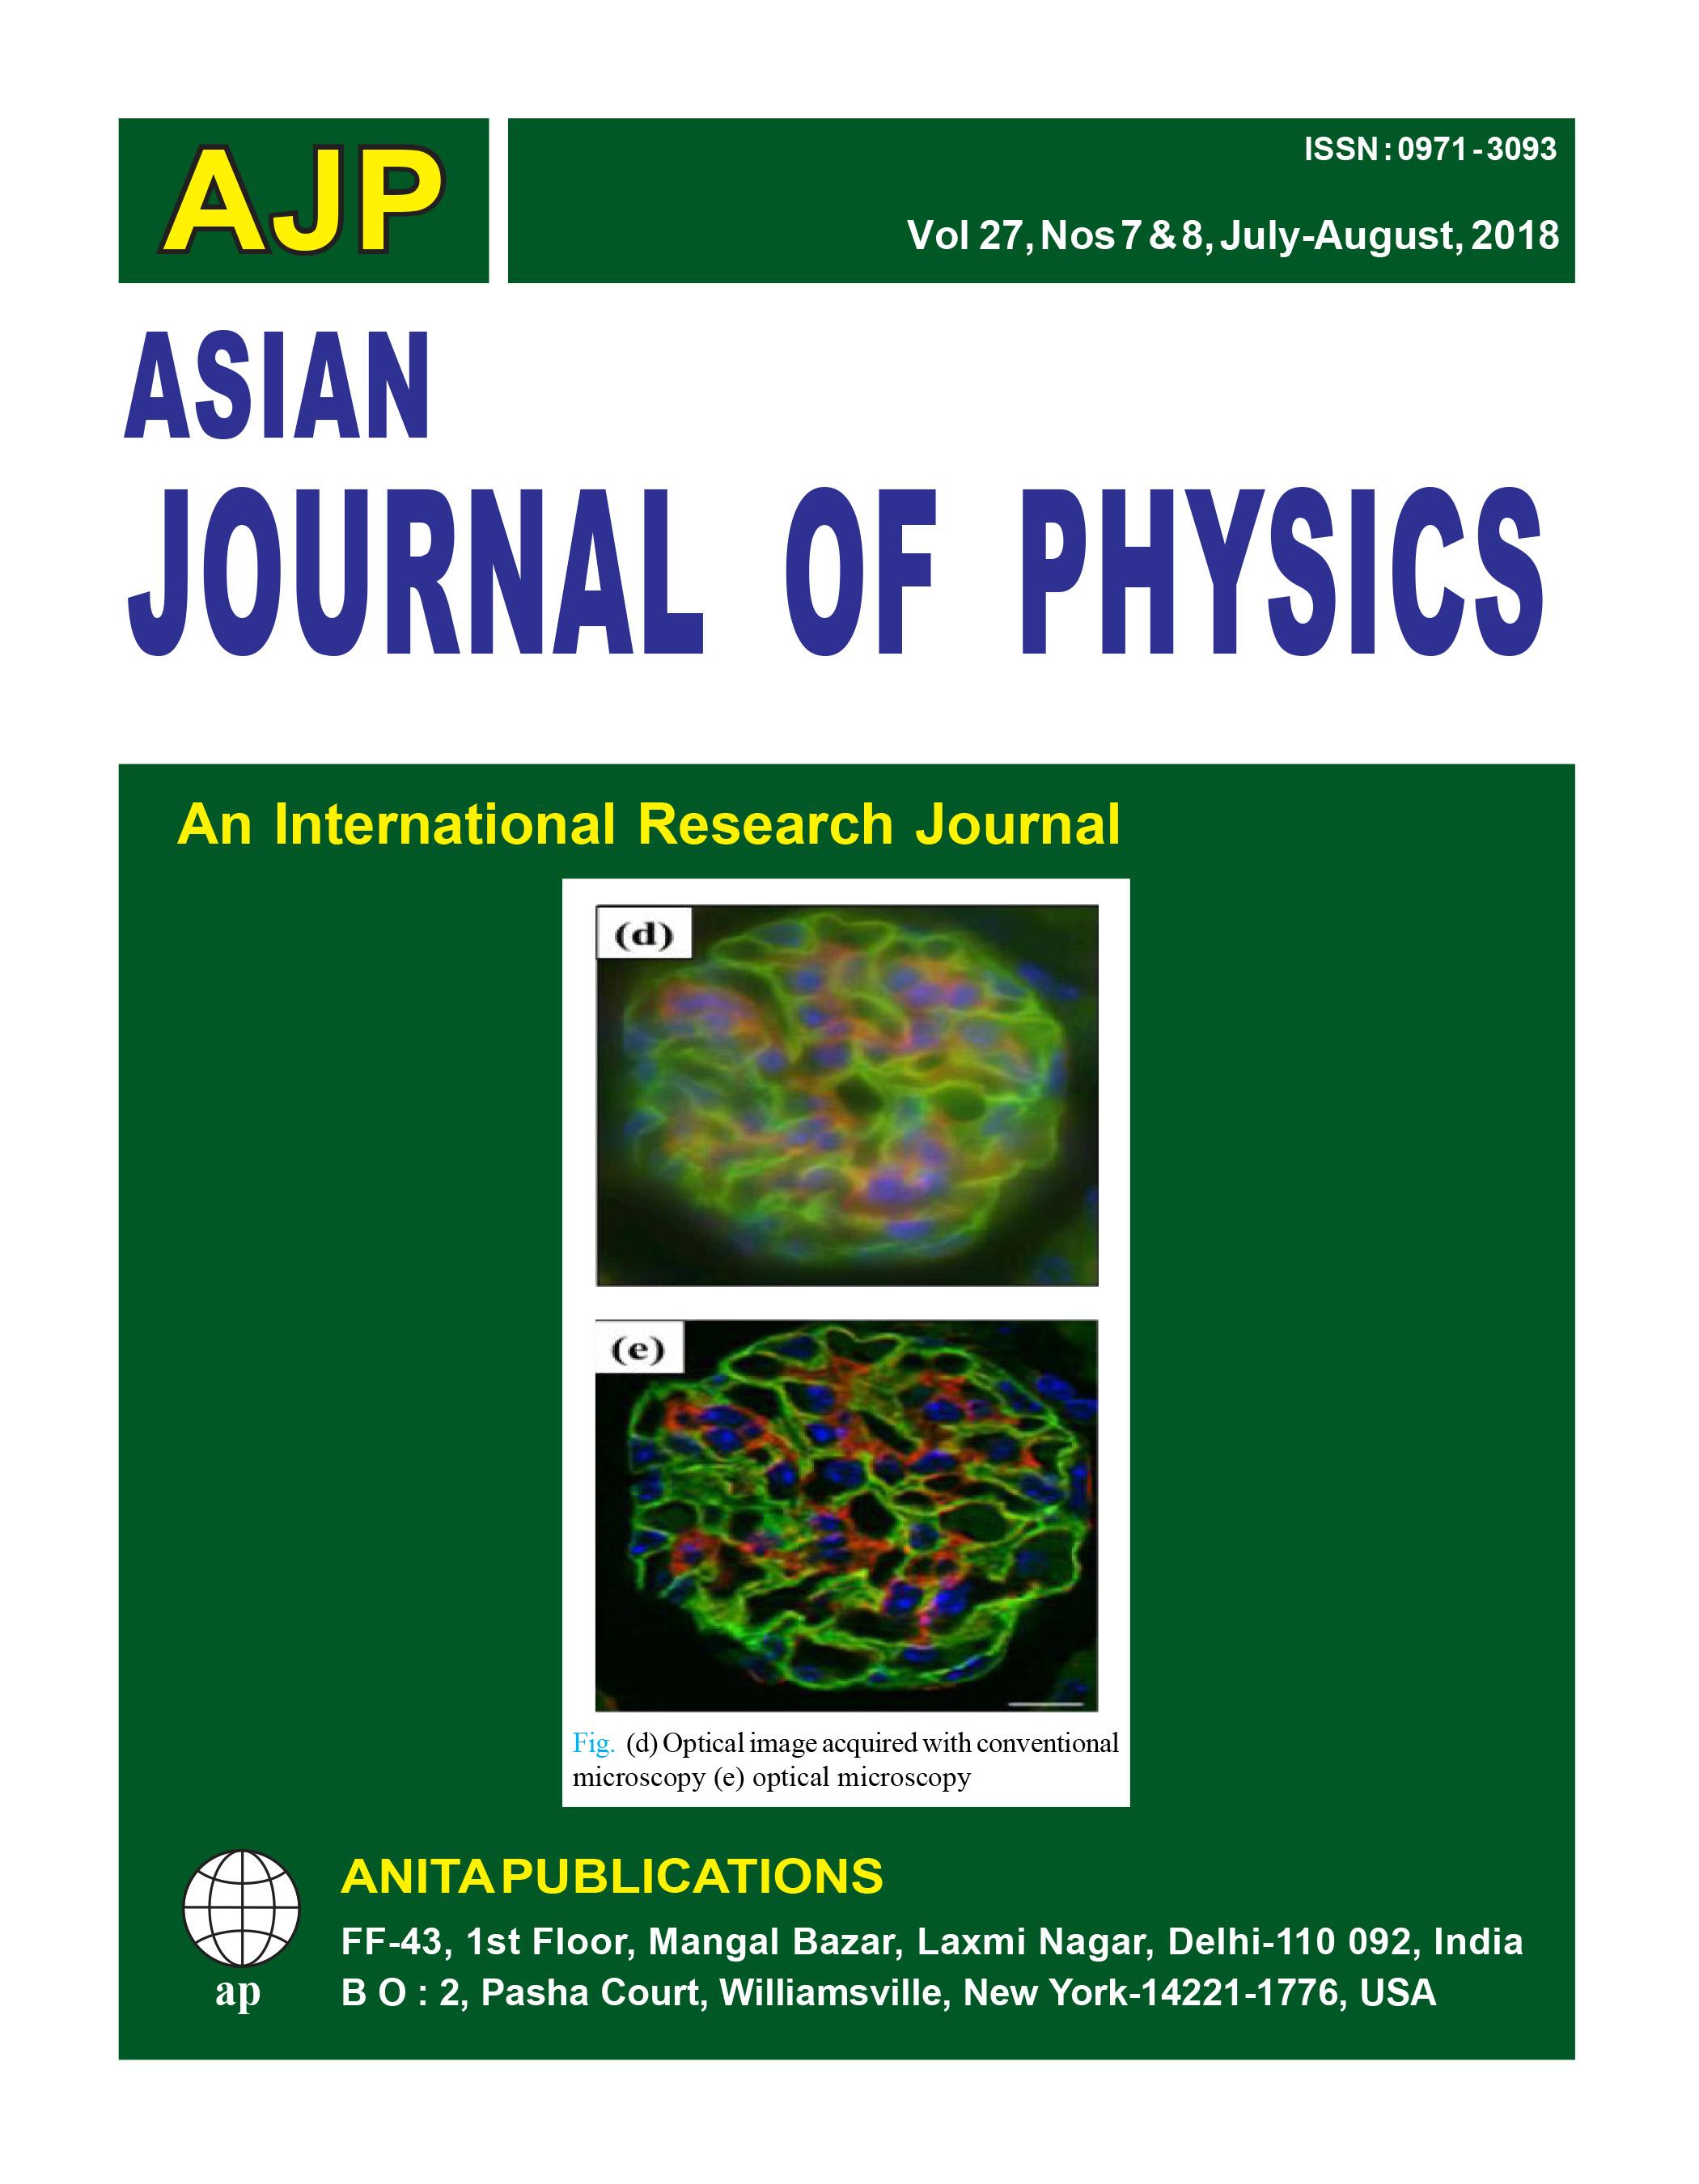 AJP Vol 27 Nos 7&8, 2018